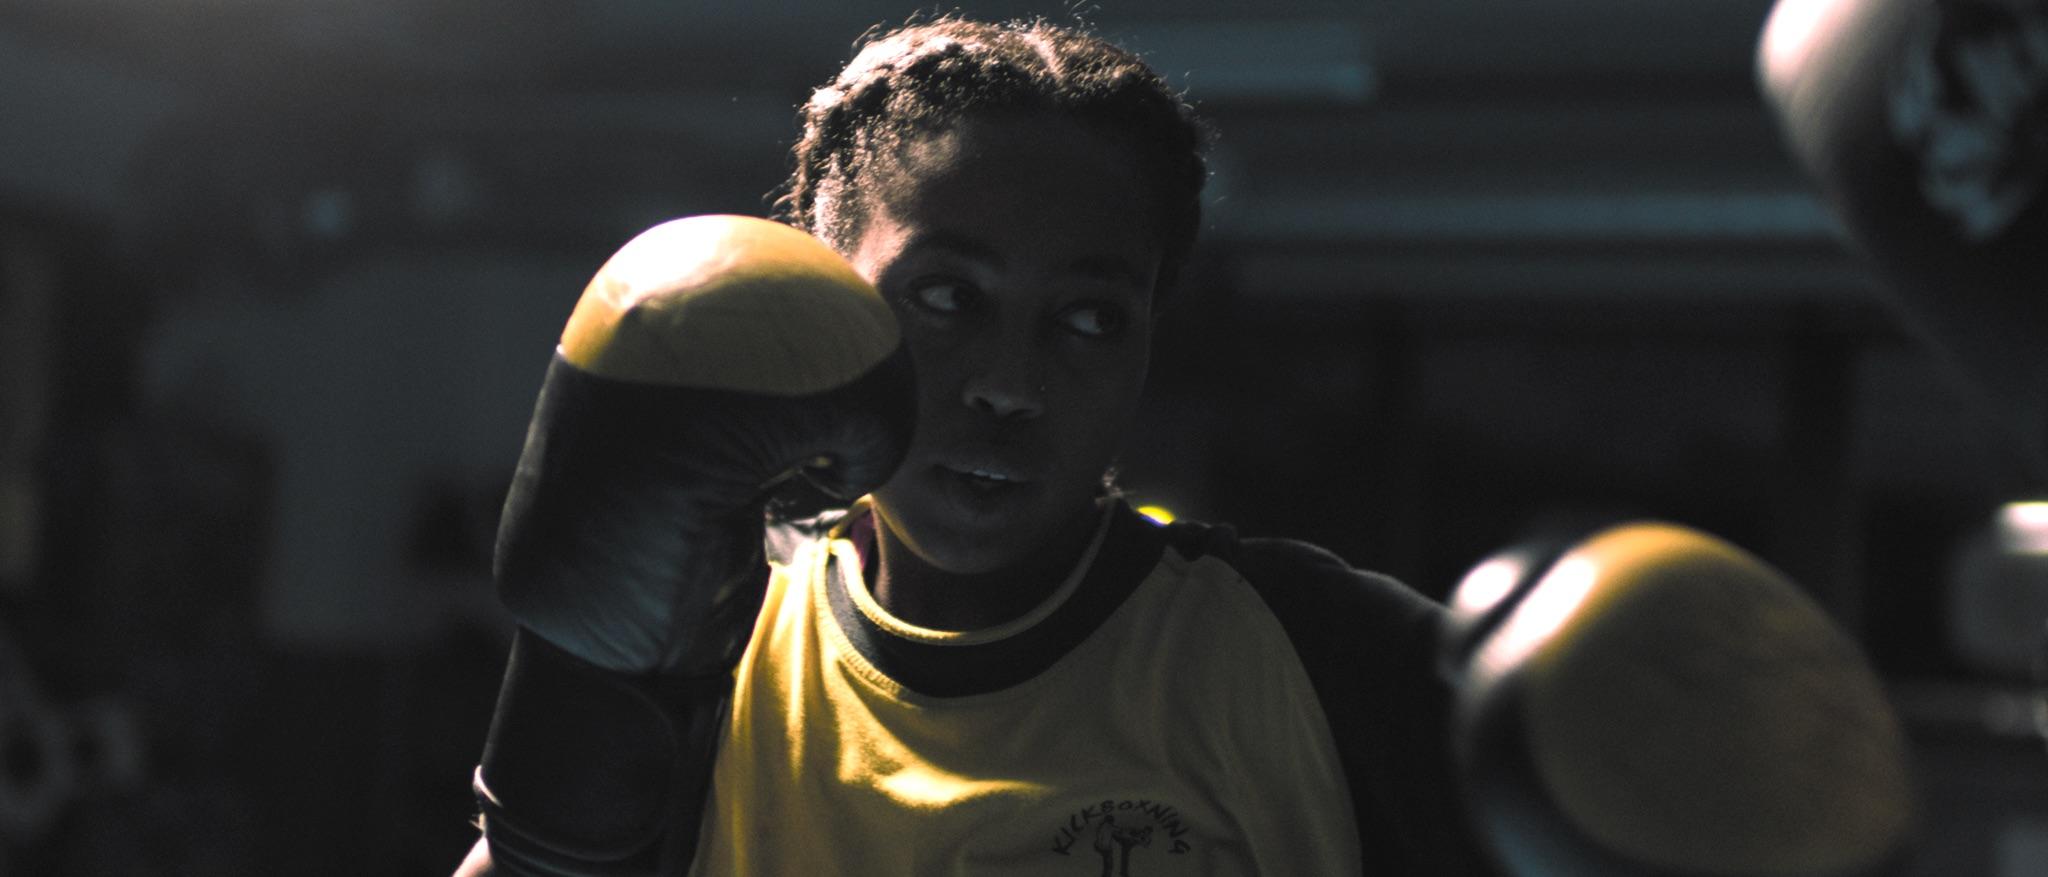 Samira tränar boxning